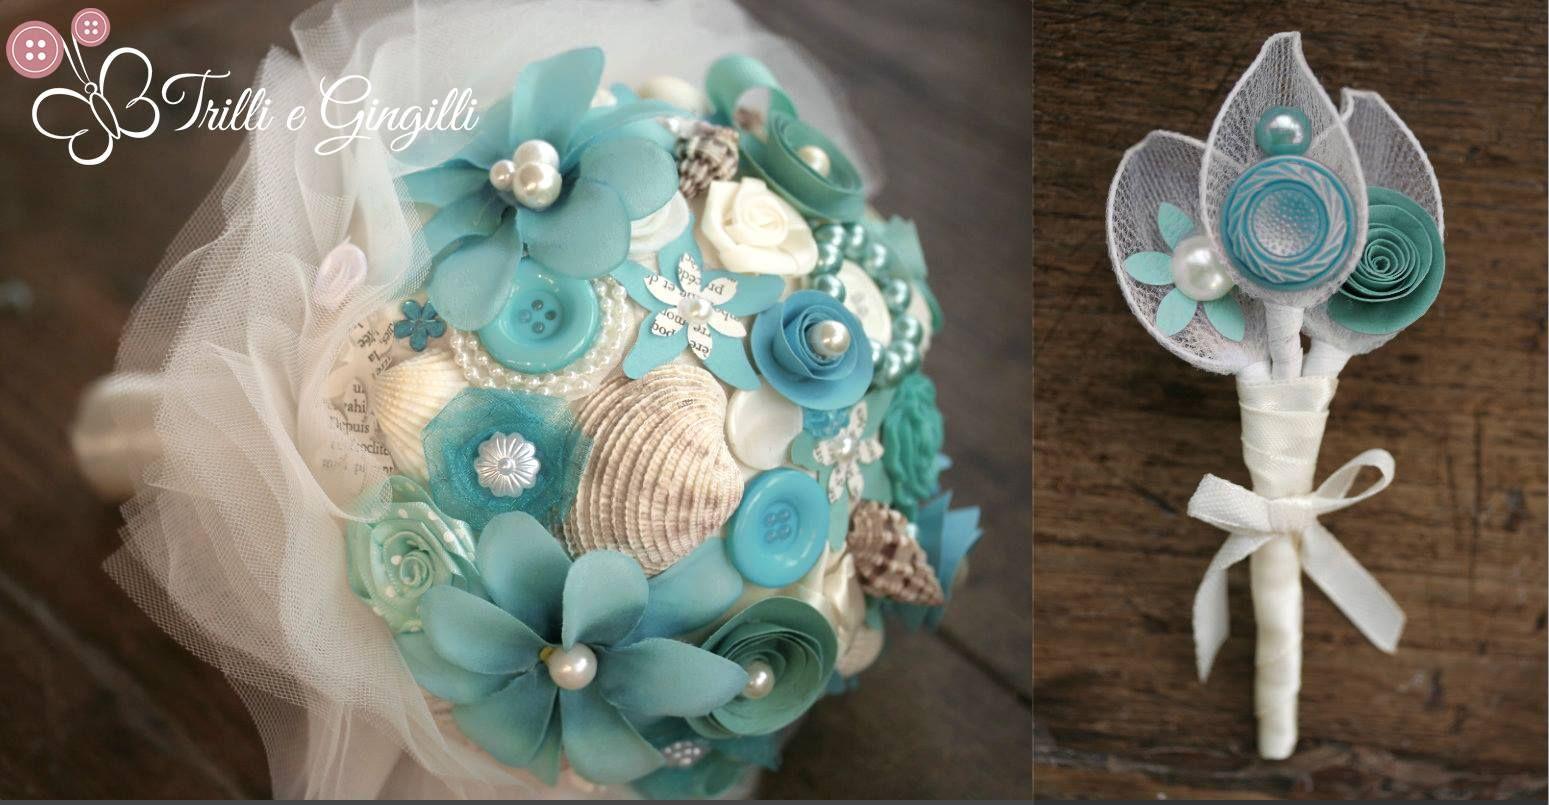 fdc2efbae0 Bouquet tema mare: Bouquet di Conchiglie sui toni del turchese e verde  acqua, con